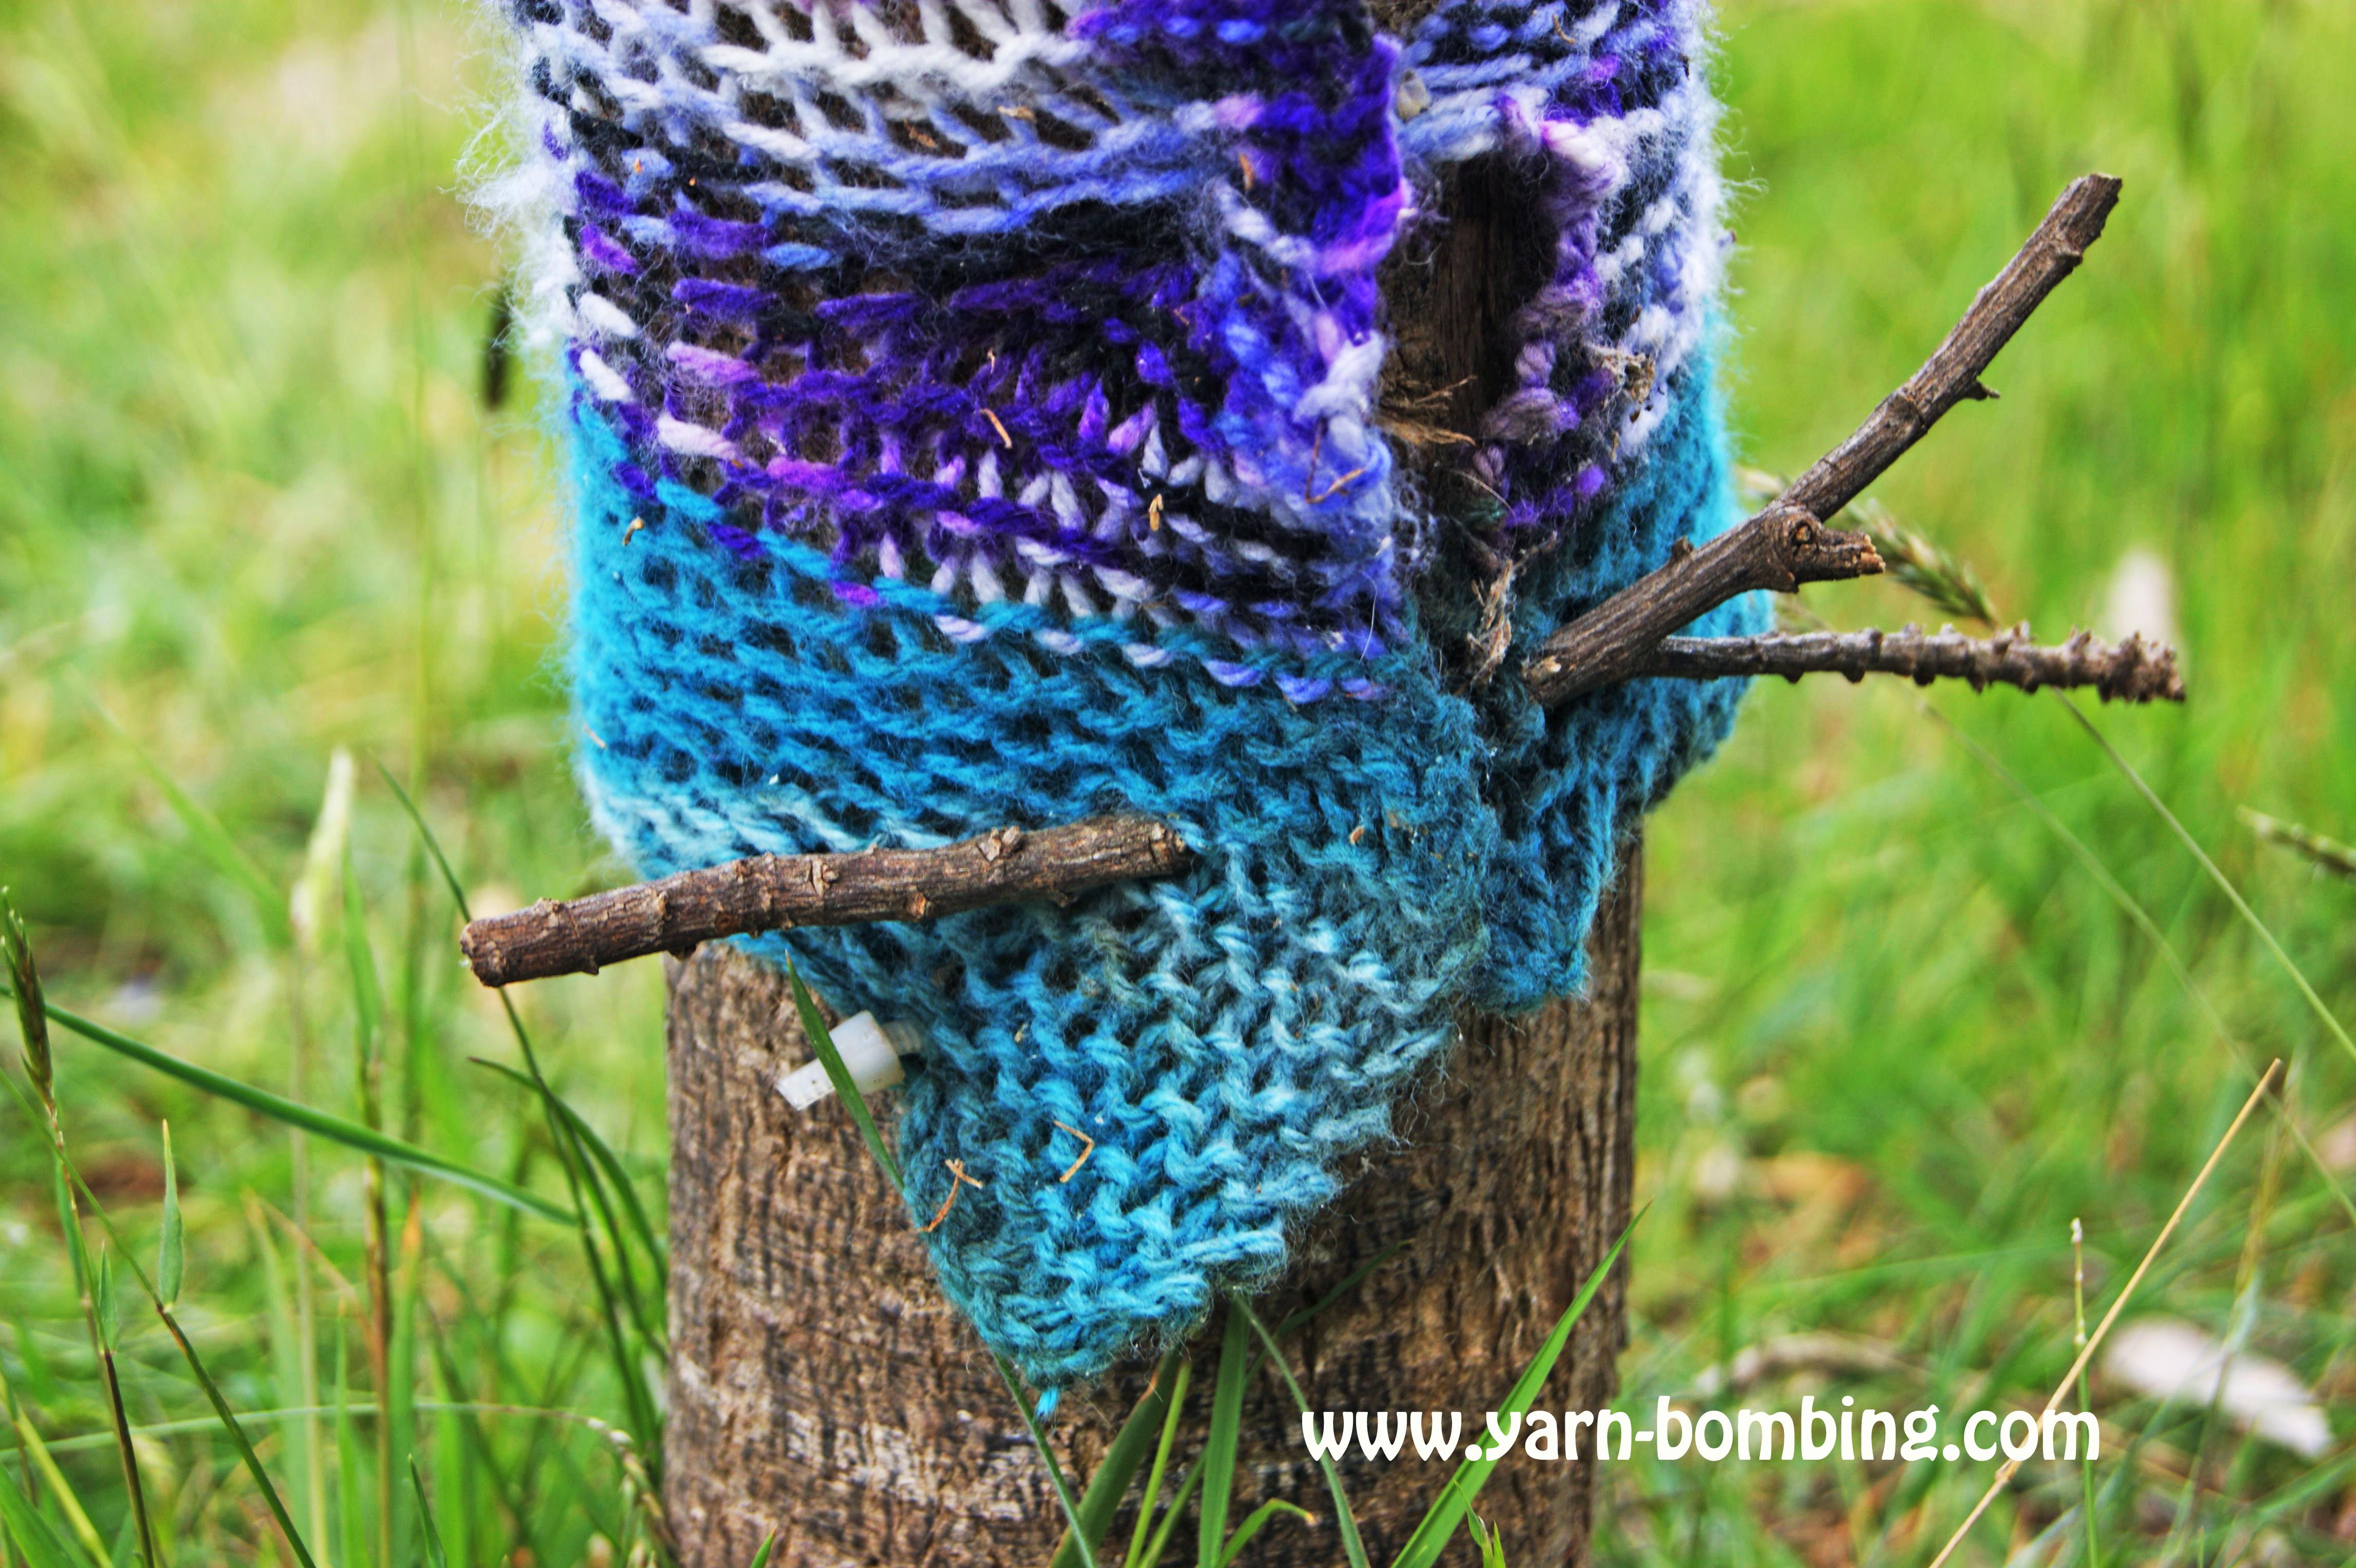 yarn bombing yarn bombing